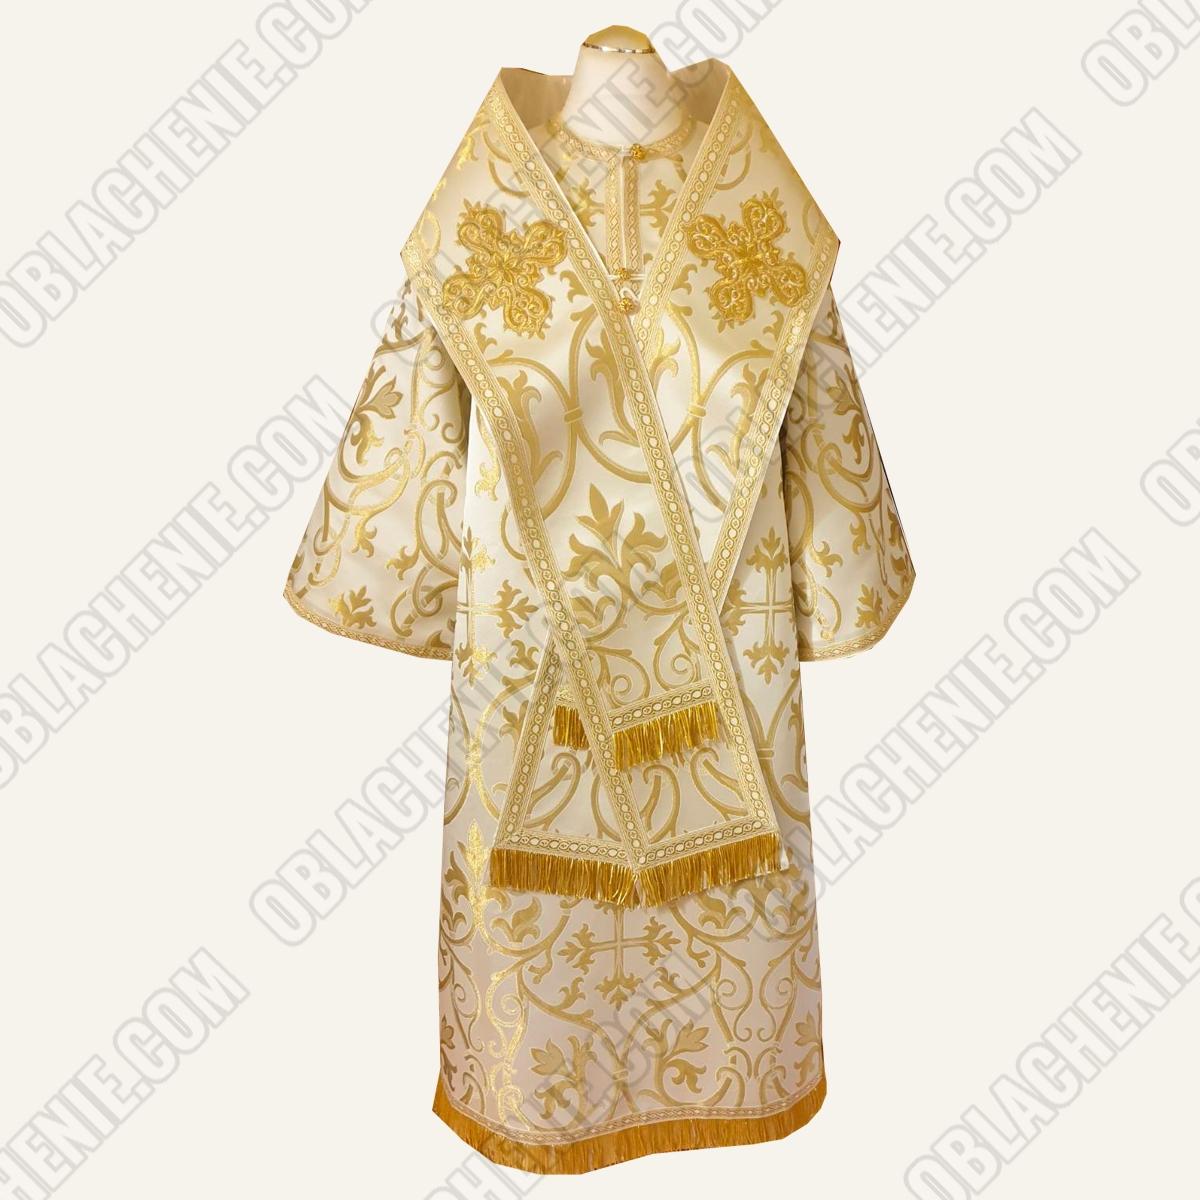 Bishop's vestments 11072